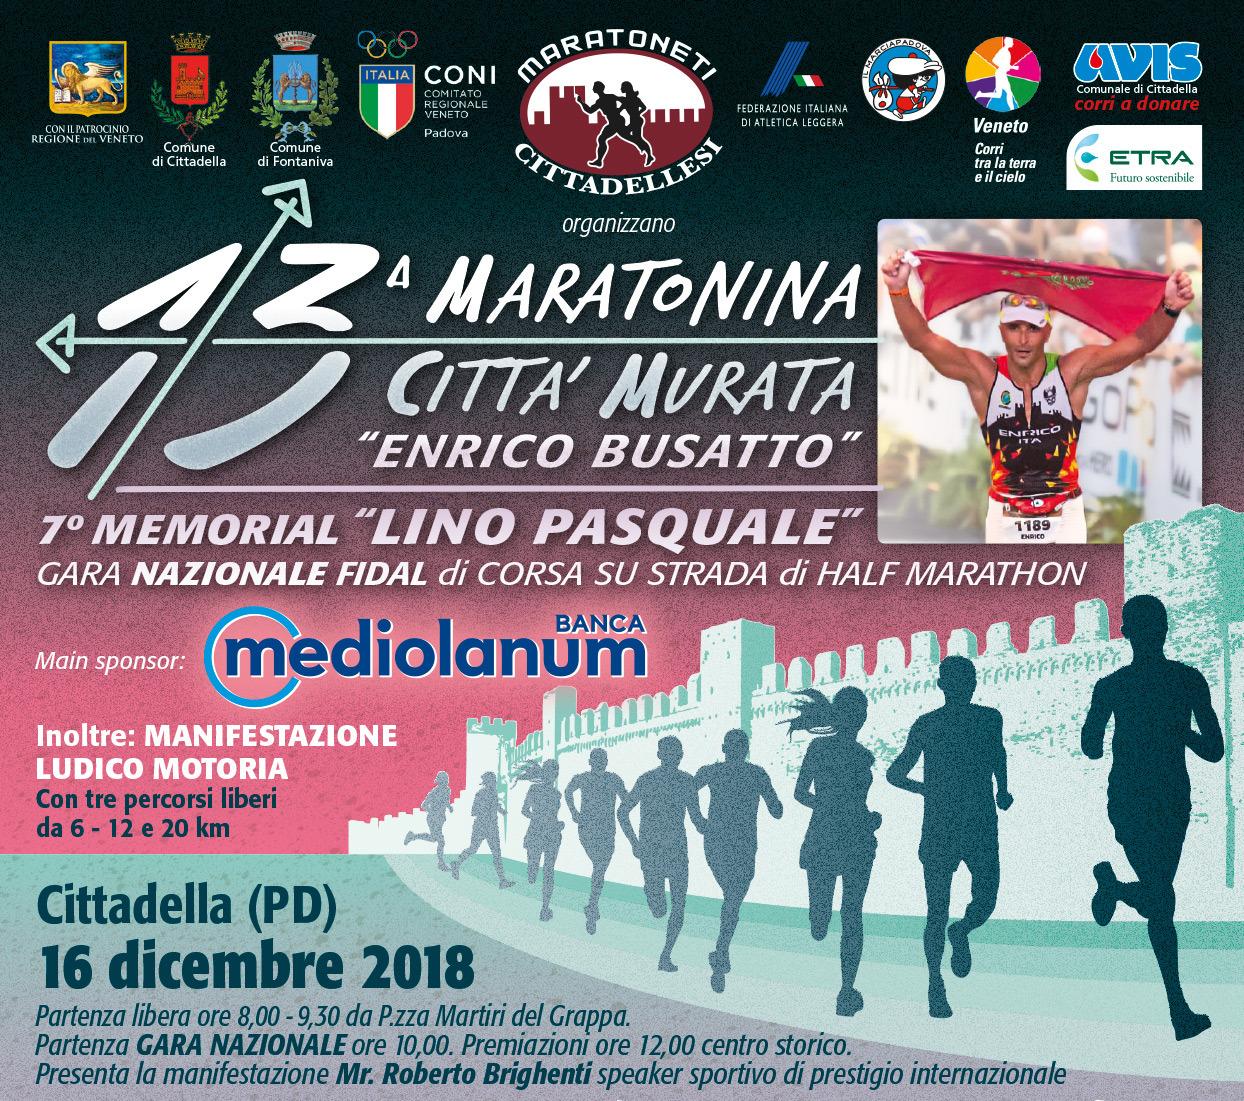 13-maratonina-citta-murata